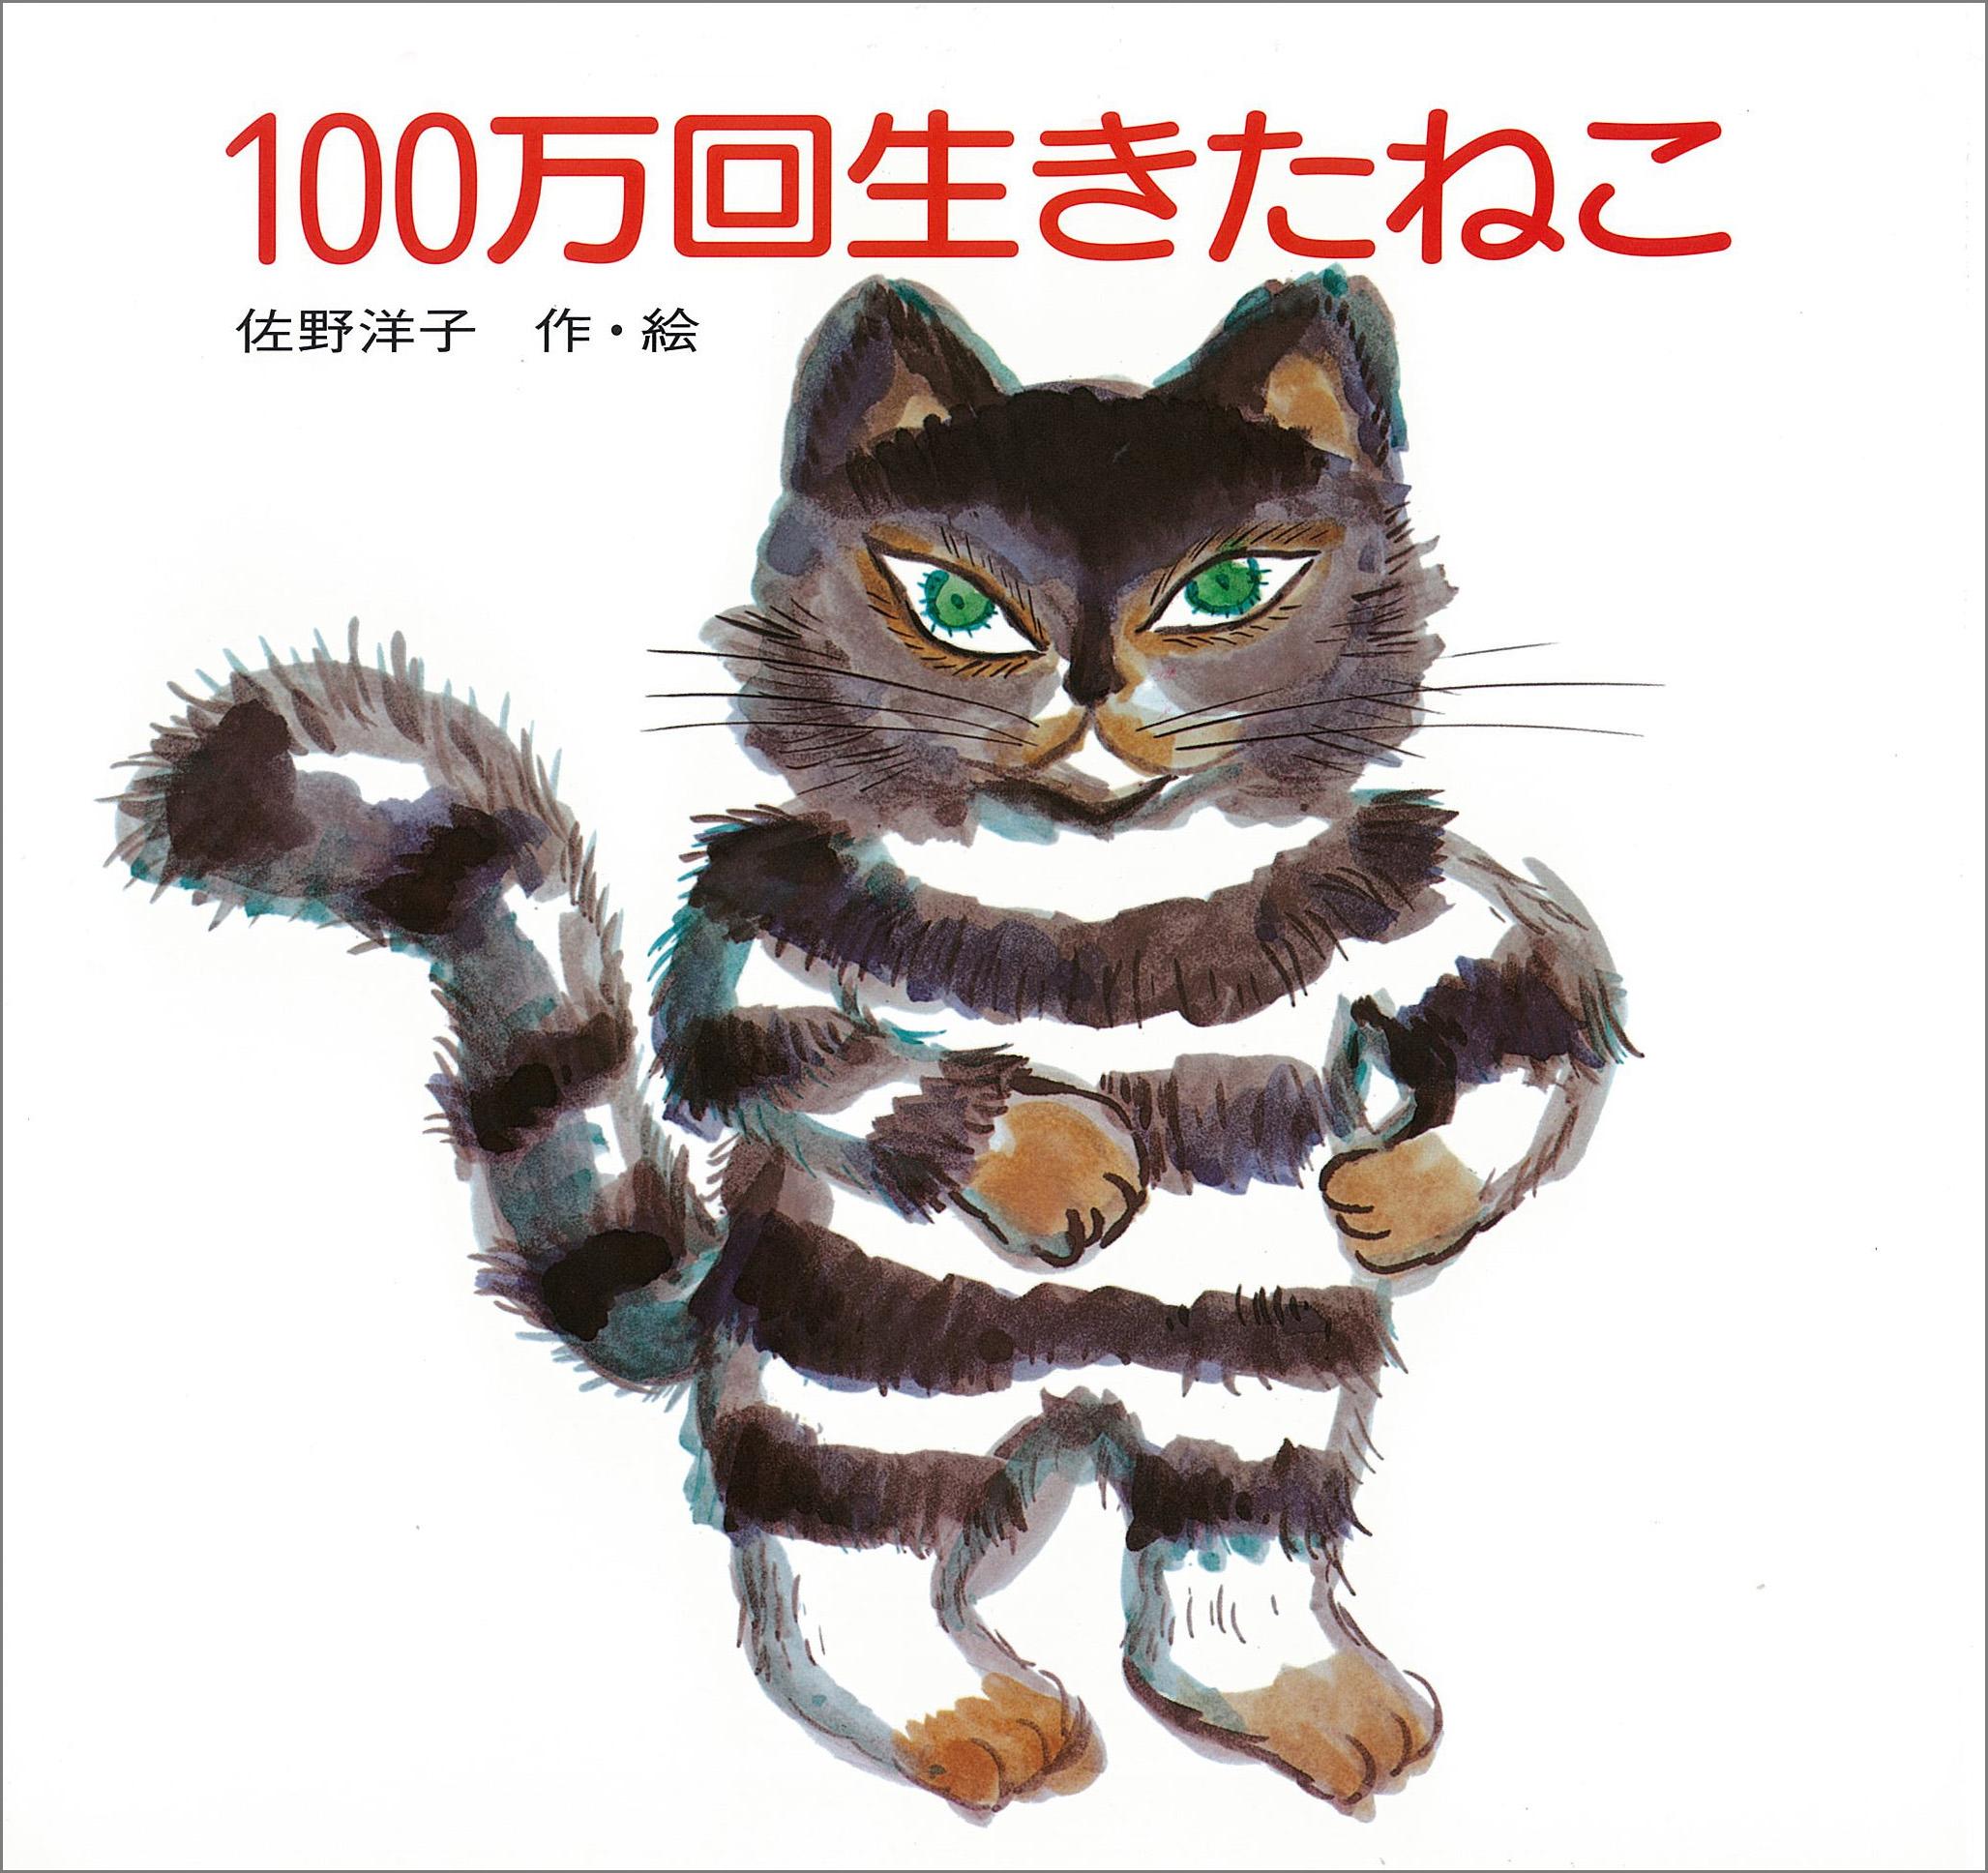 100万回生きたねこ(年長)